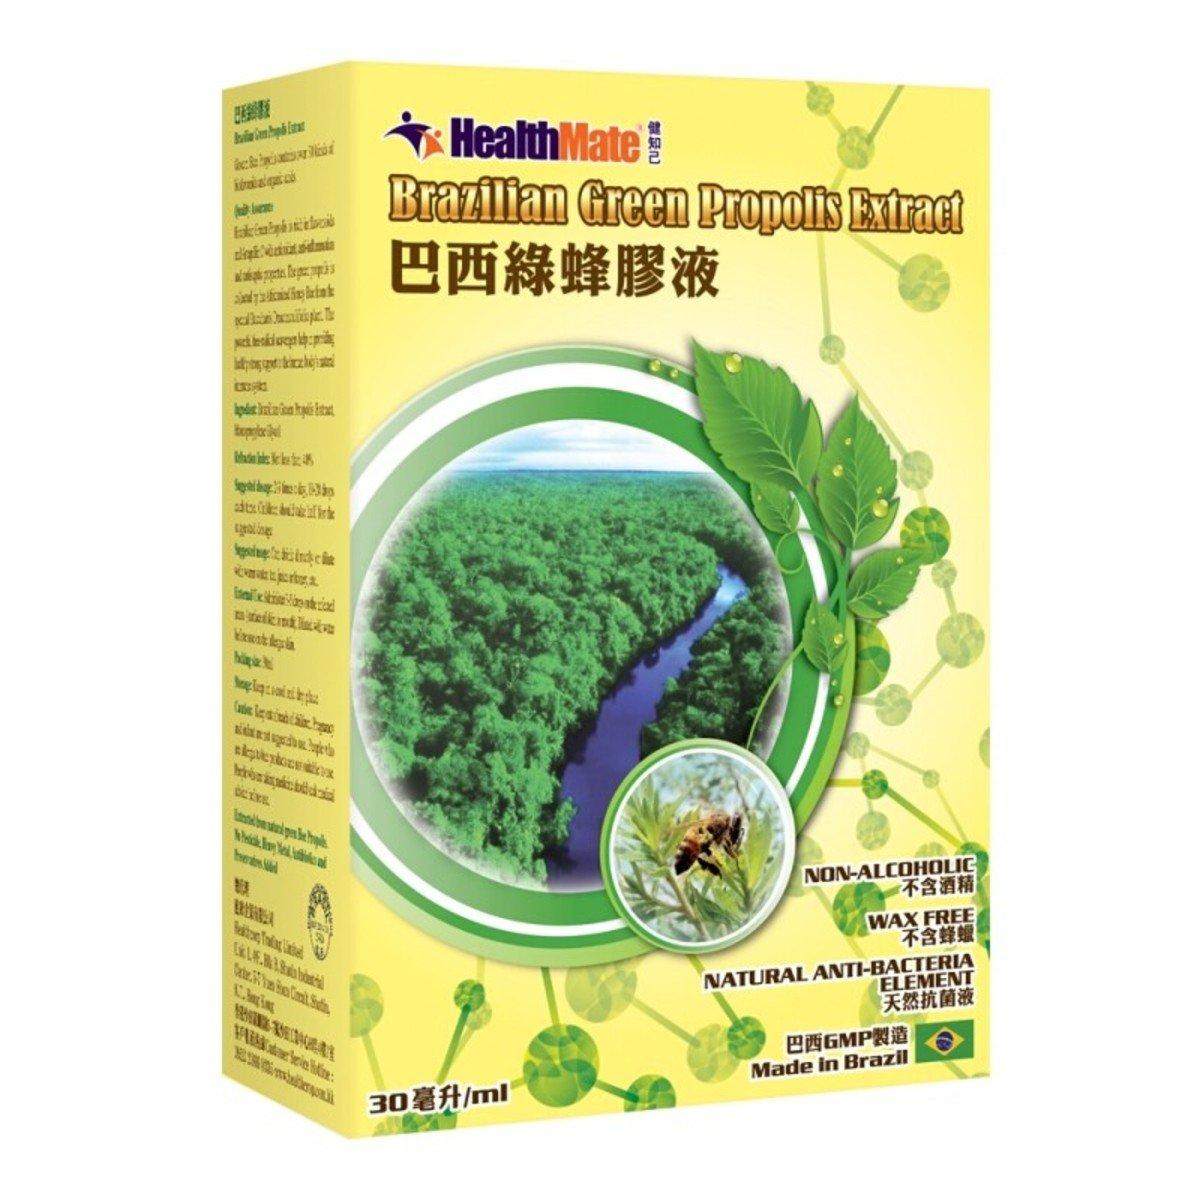 巴西綠蜂膠液